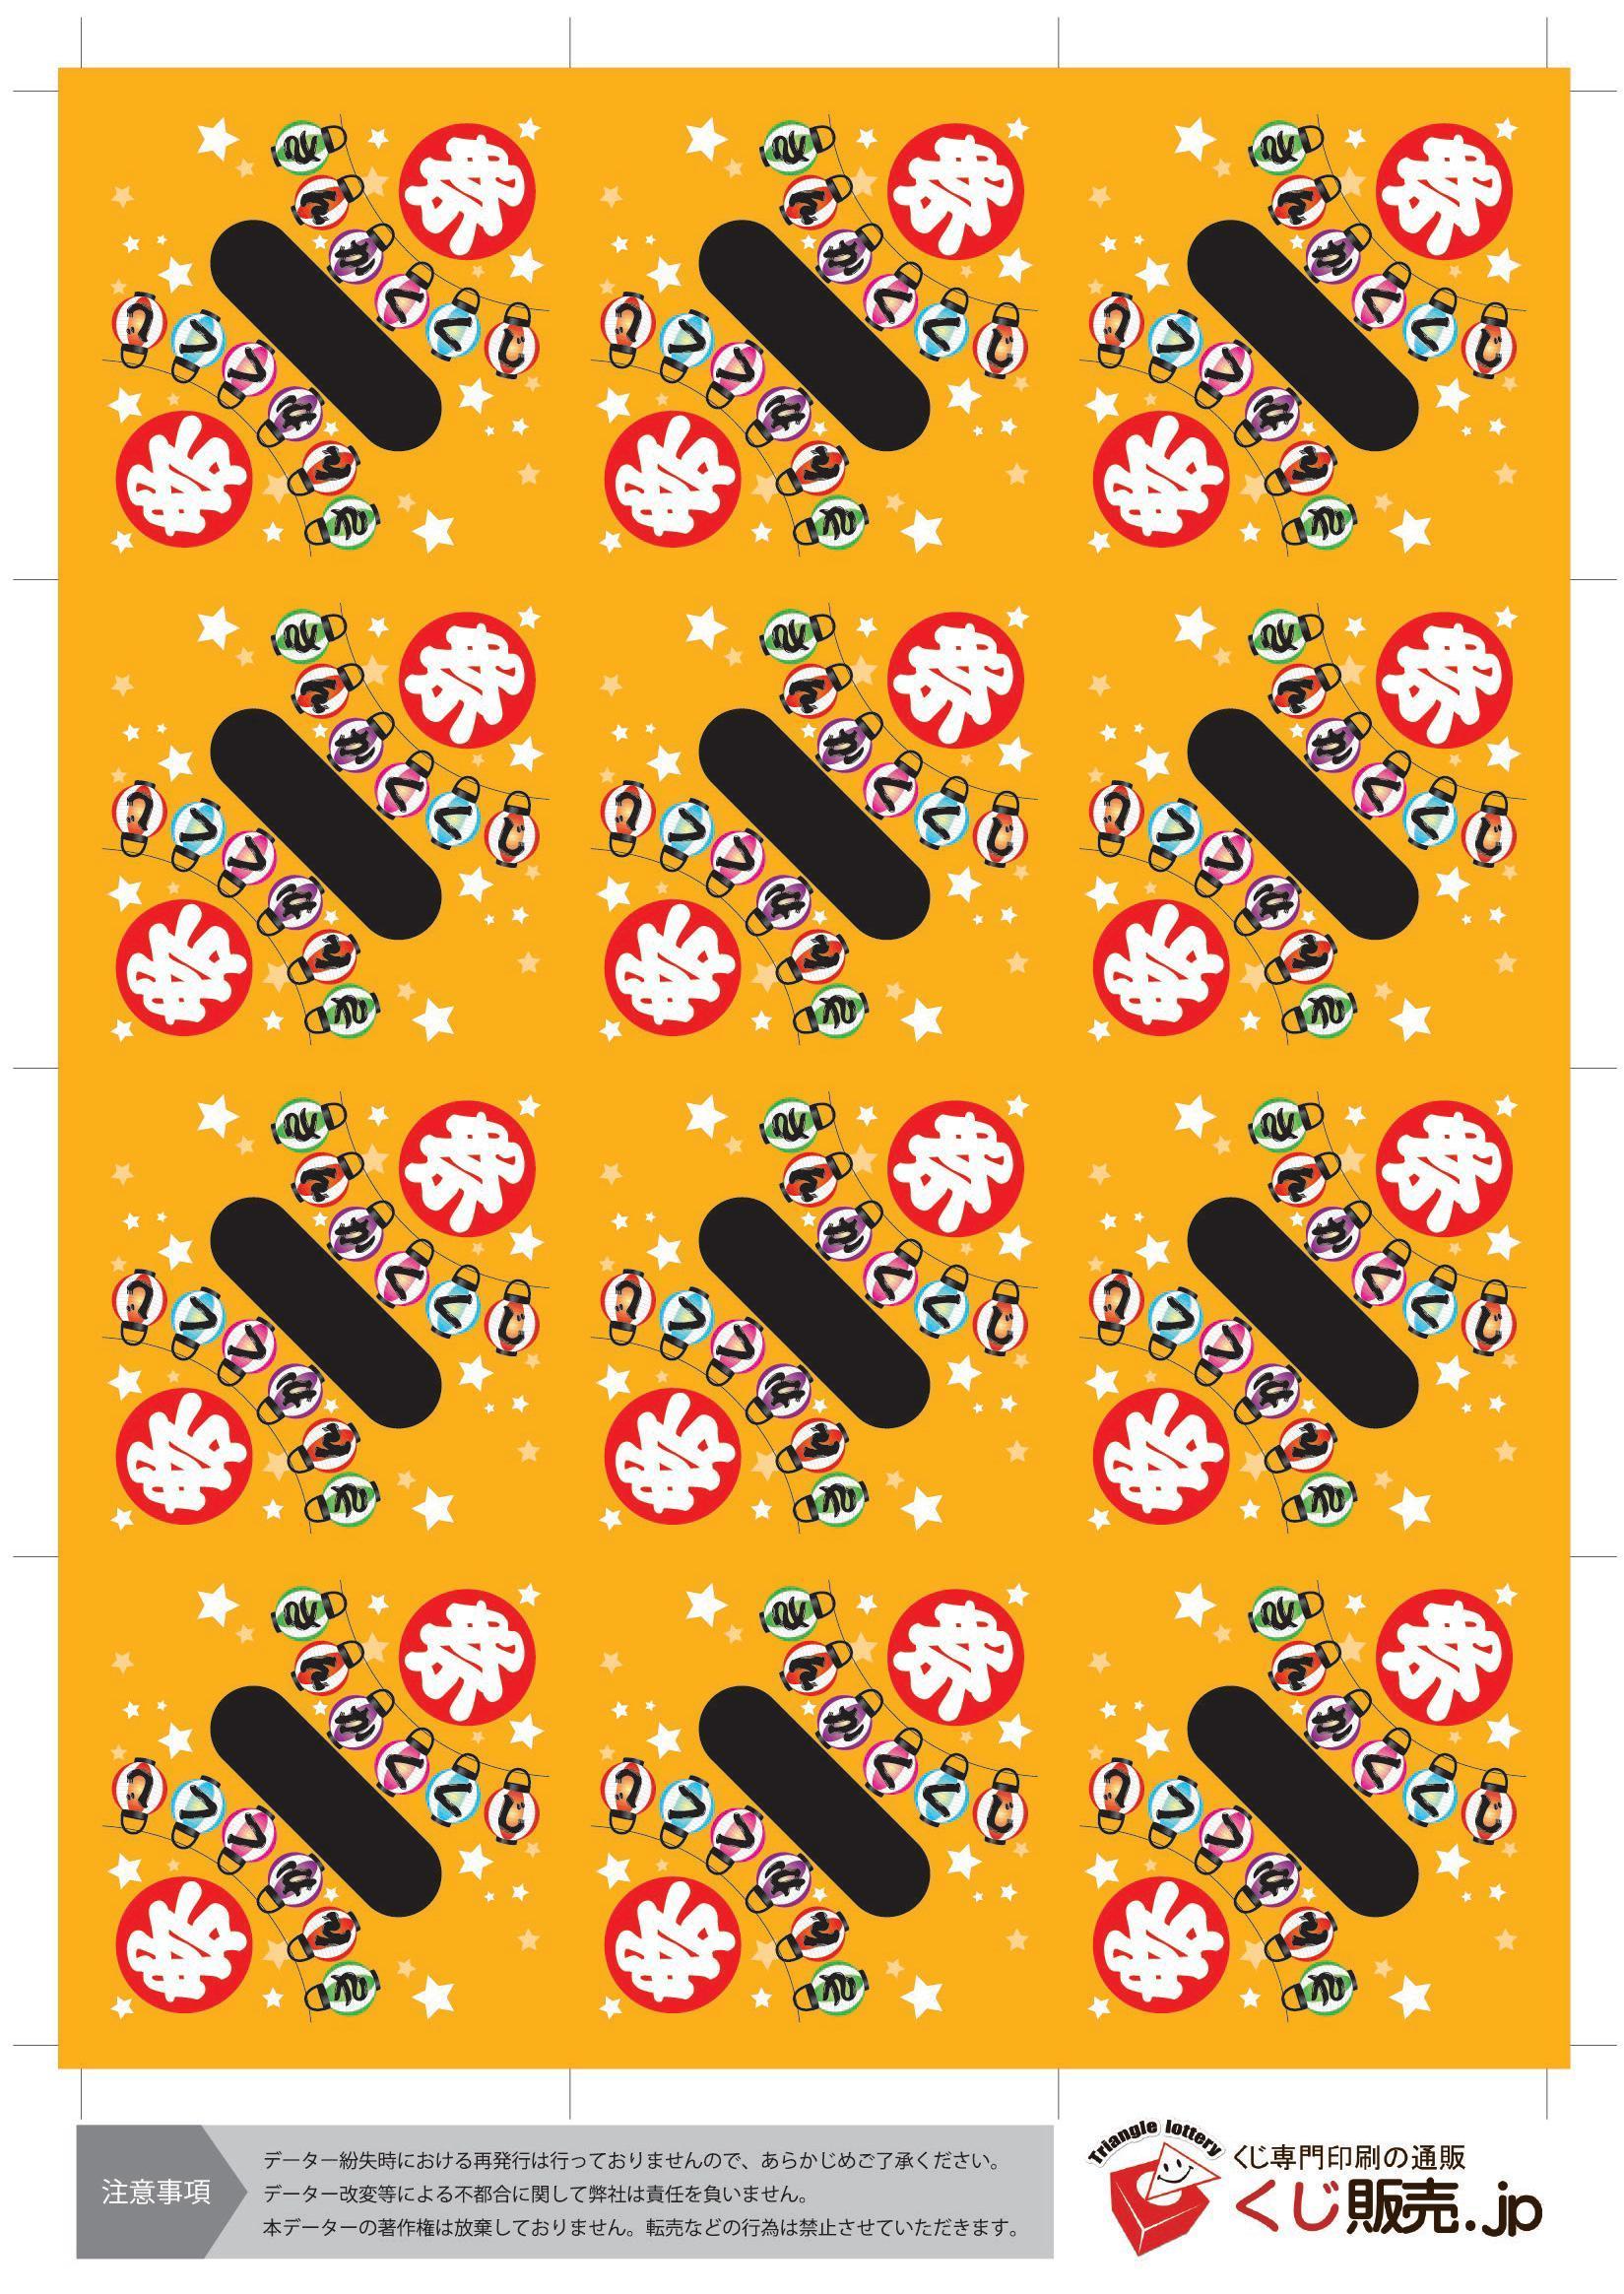 テンプレートを使った三角くじの作り方 くじ販売jp Blog